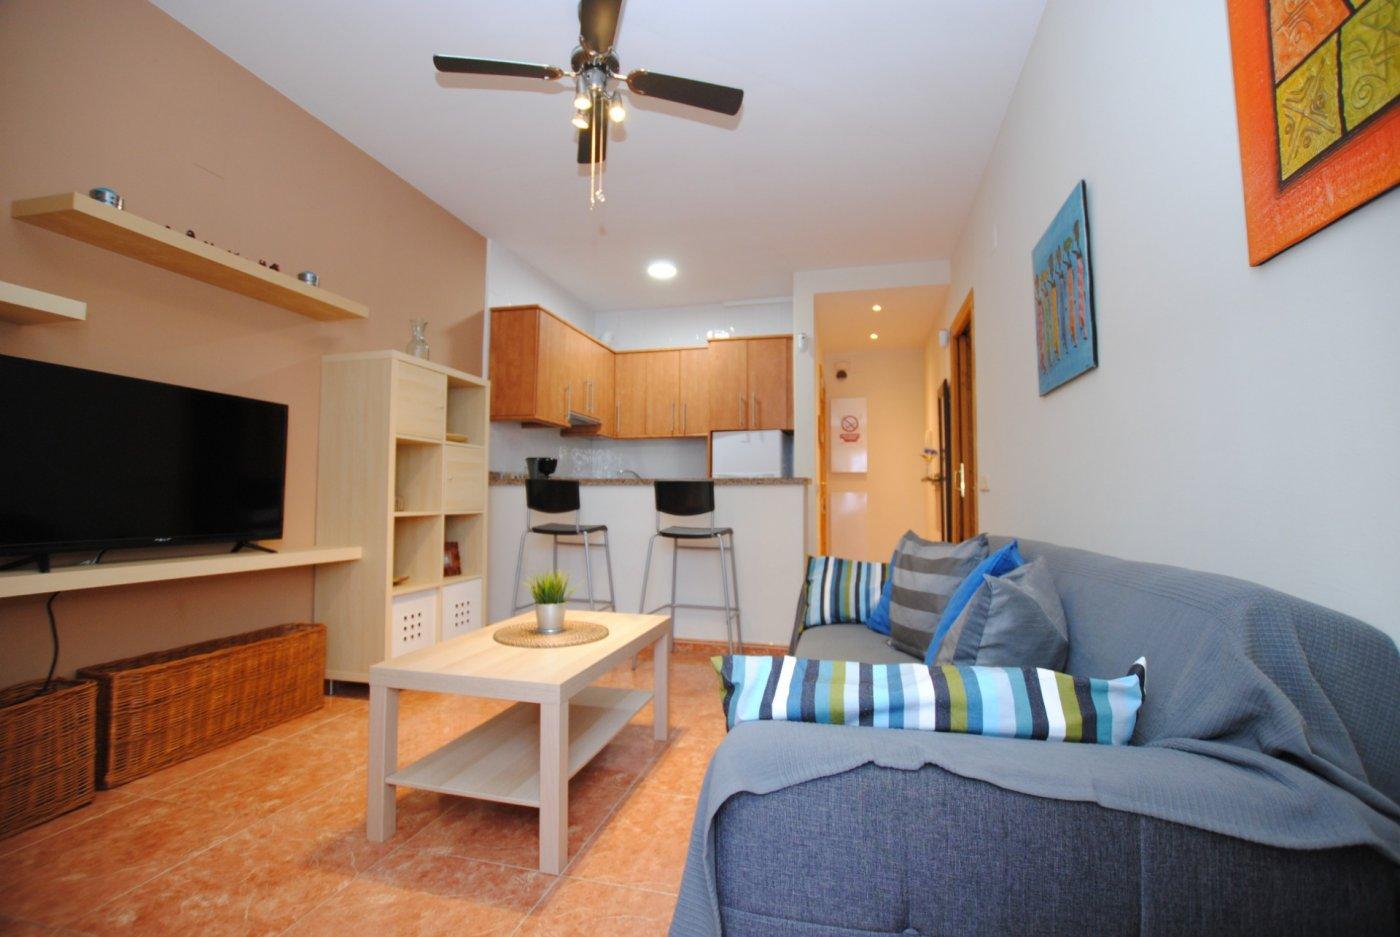 Apartamento en 2 linea de playa!!! - imagenInmueble2